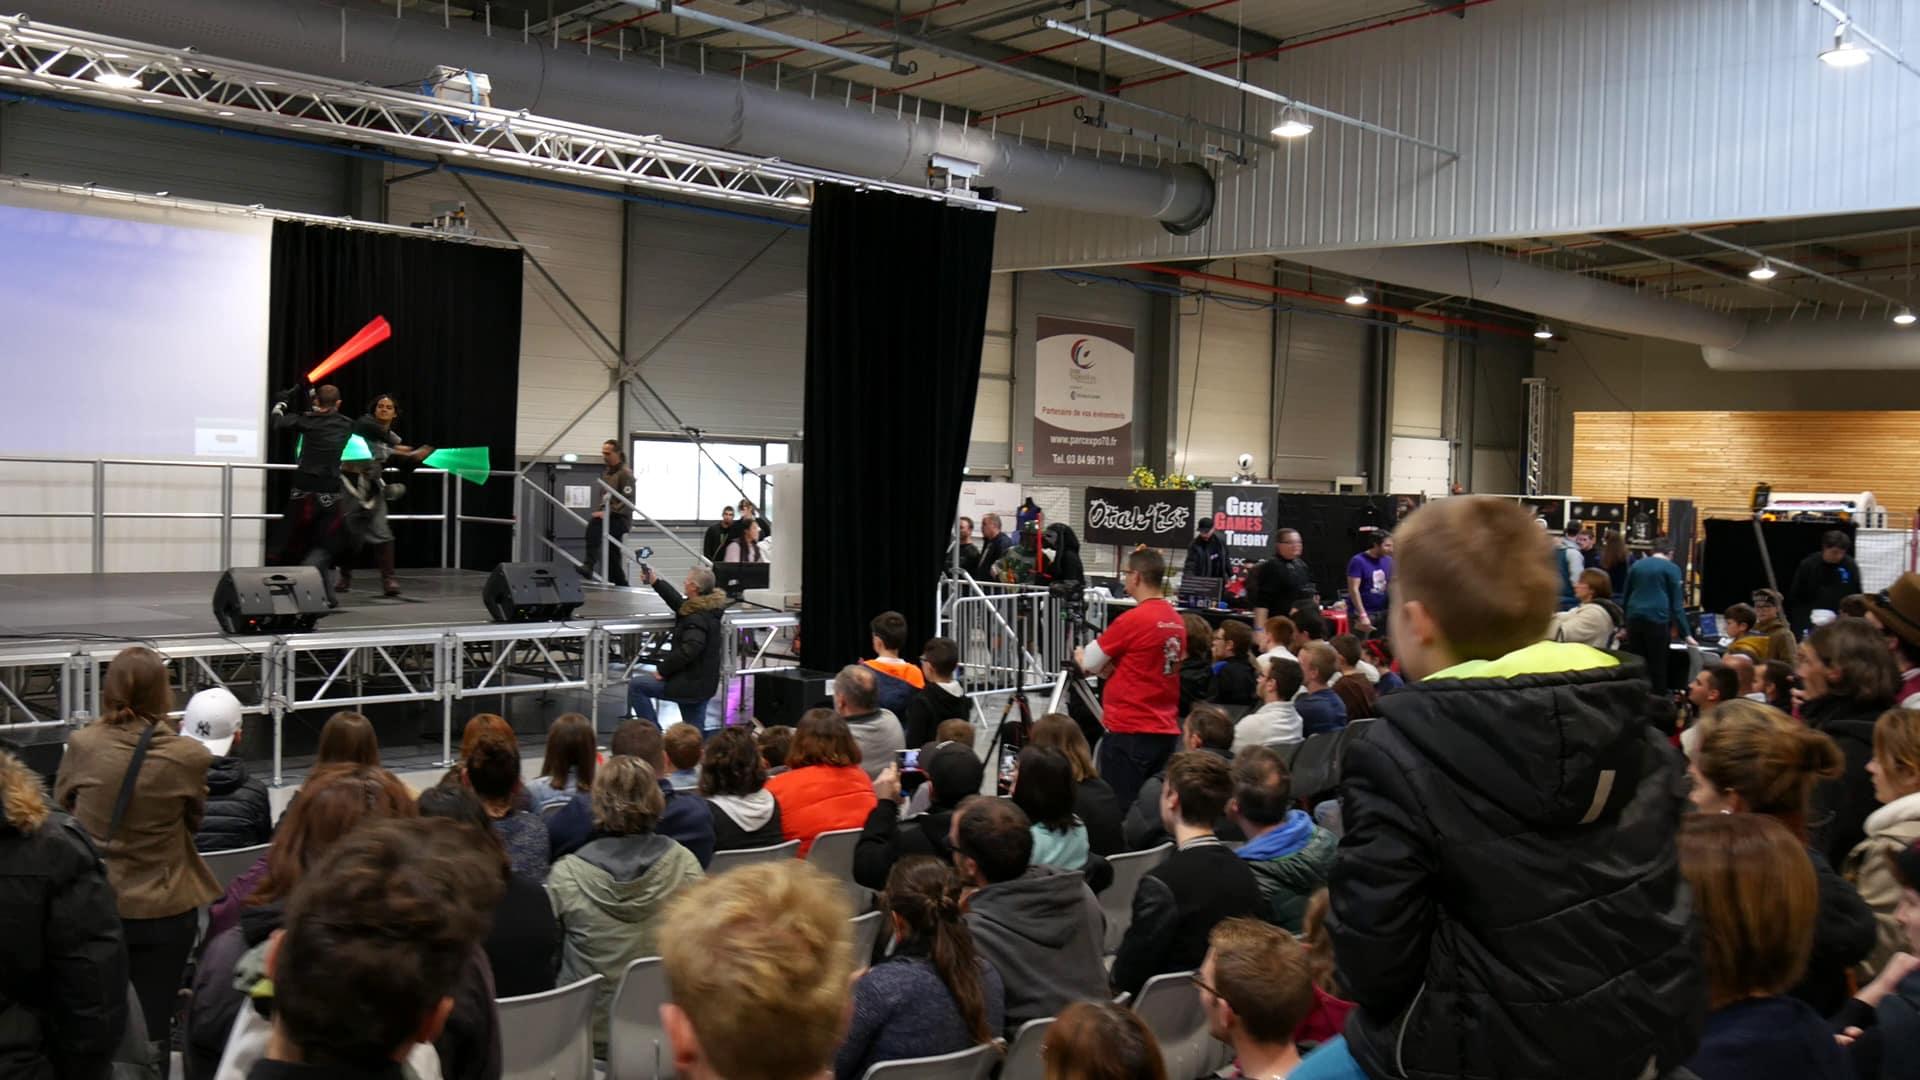 Démonstration de combat de sabre laser au salon Retrogeek festival